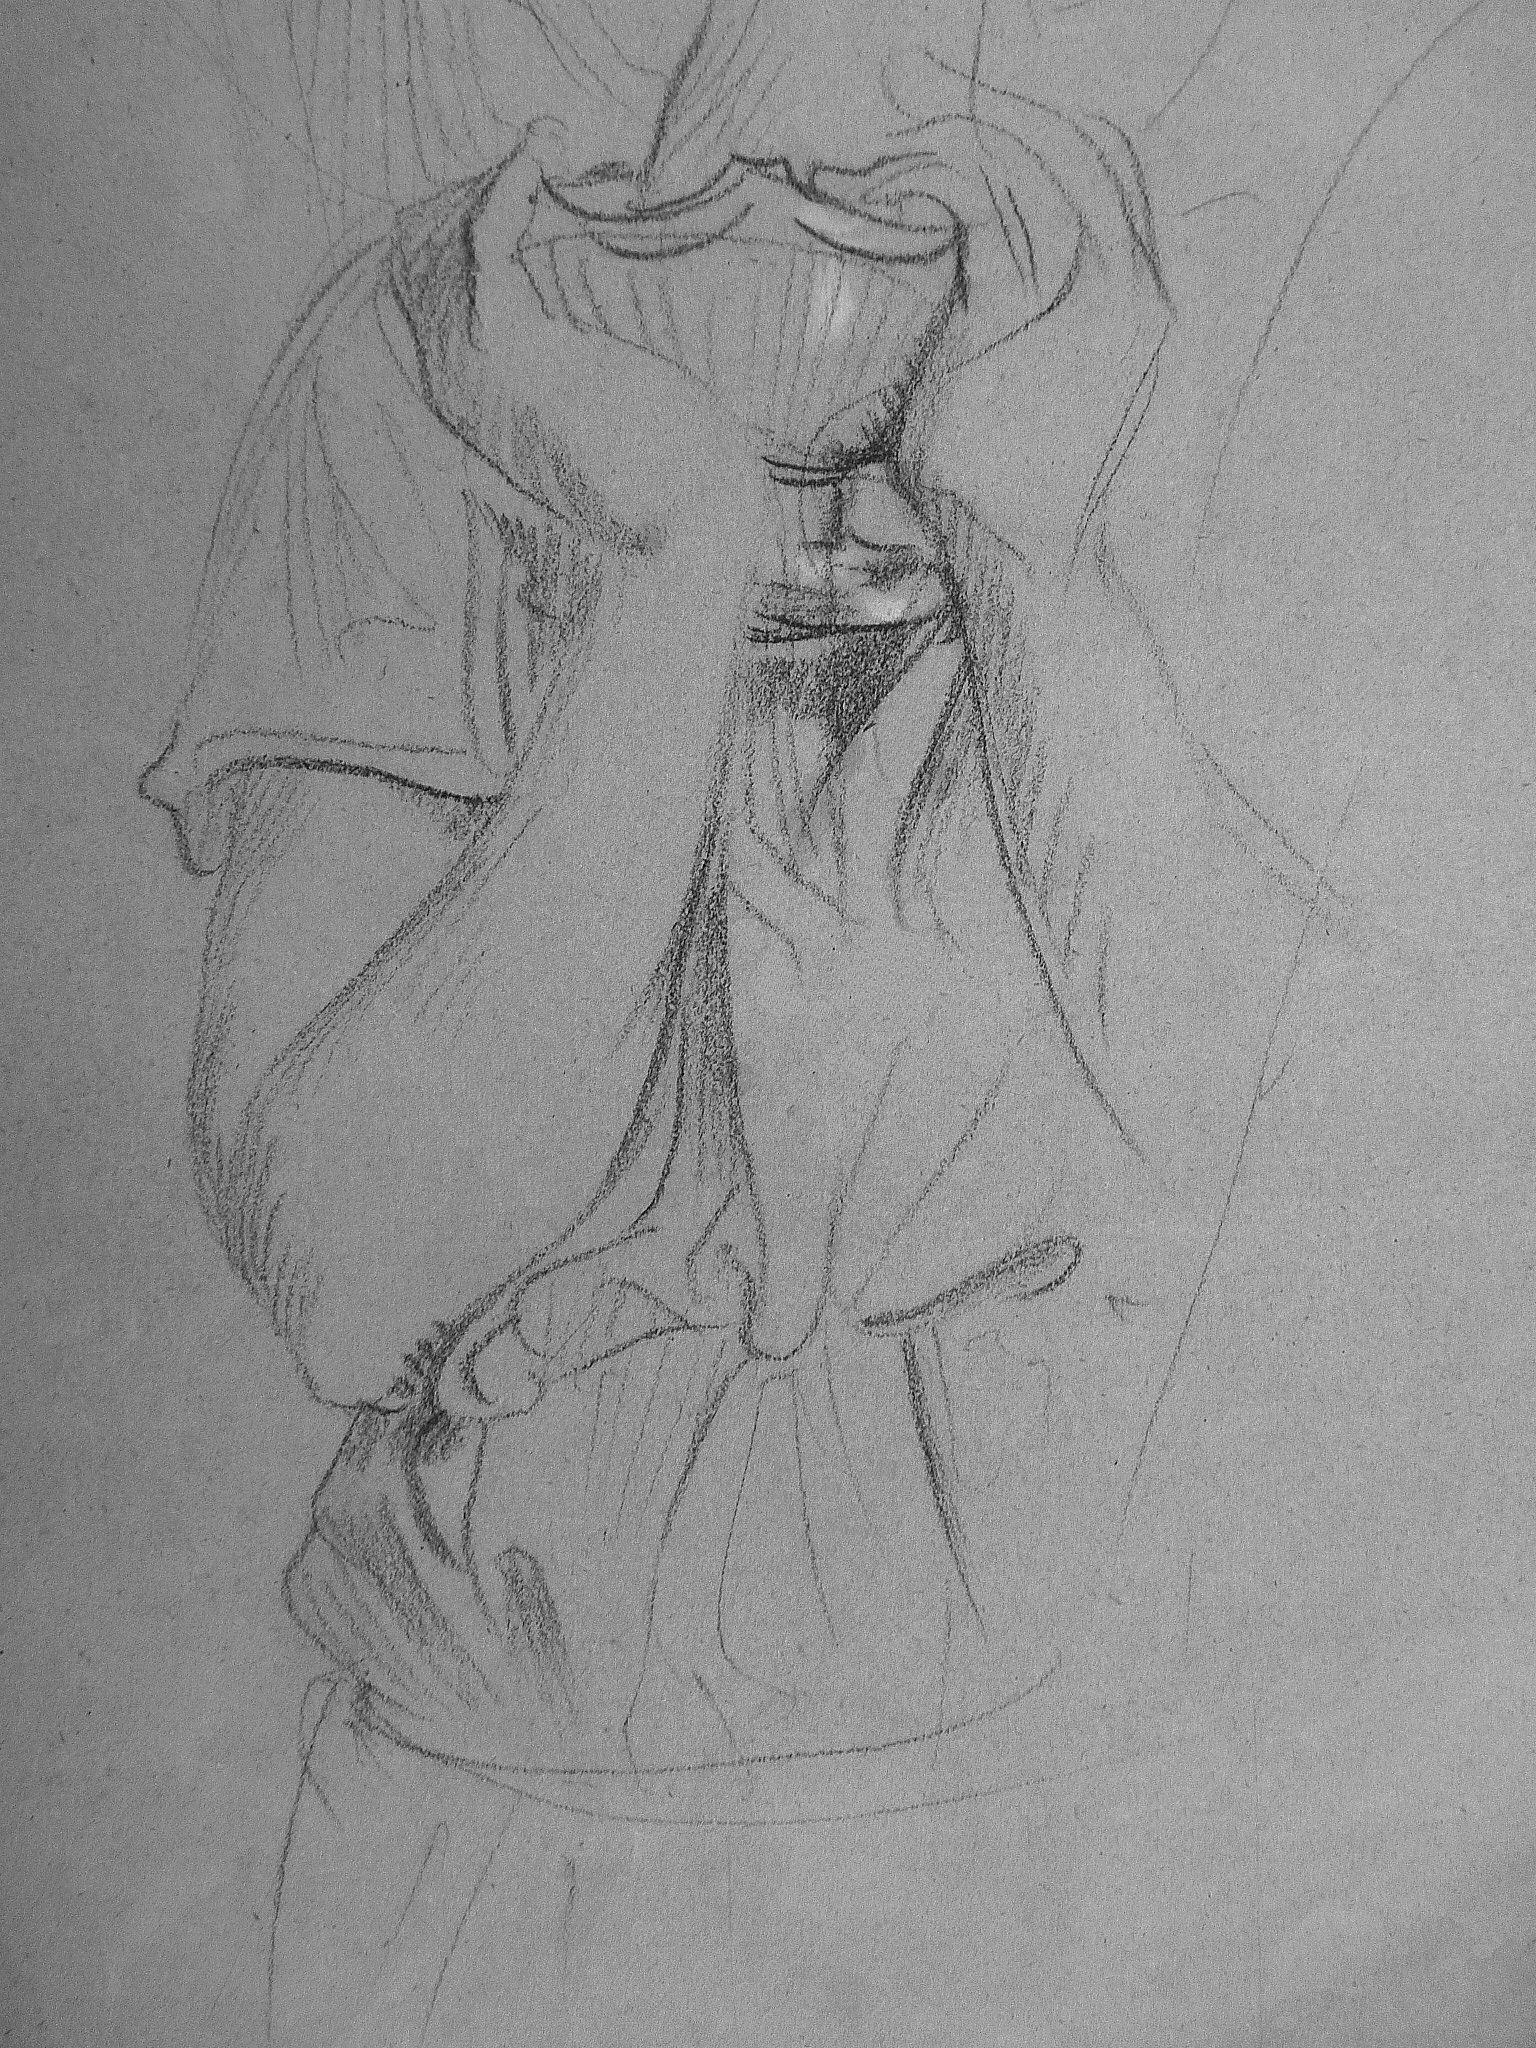 CHASSERIAU Théodore,1843 - Ste Marie l'Egyptienne, Légende, Etude pour l'Eglise St-Merri - drawing - Détail 08